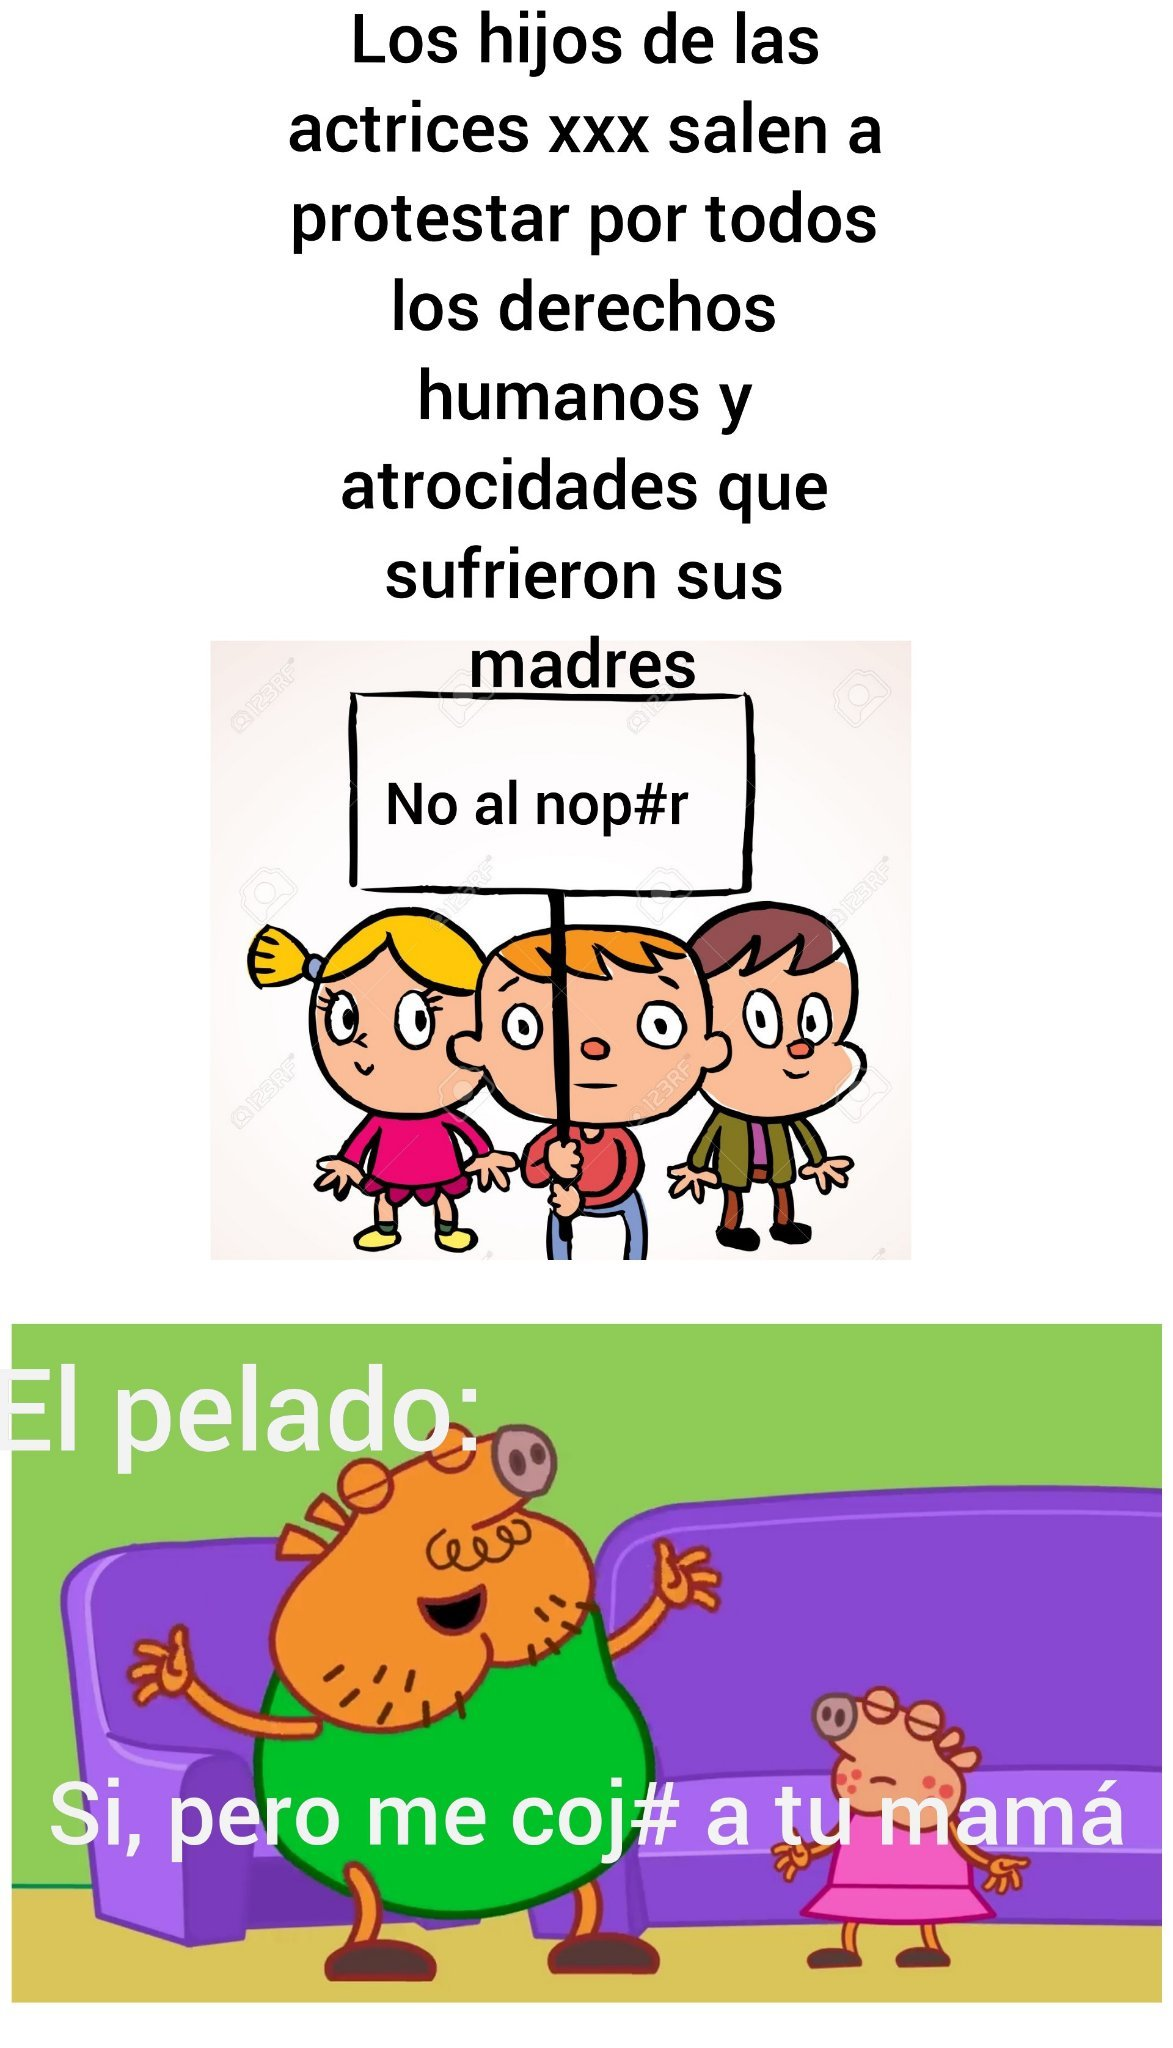 No al nop#r - meme